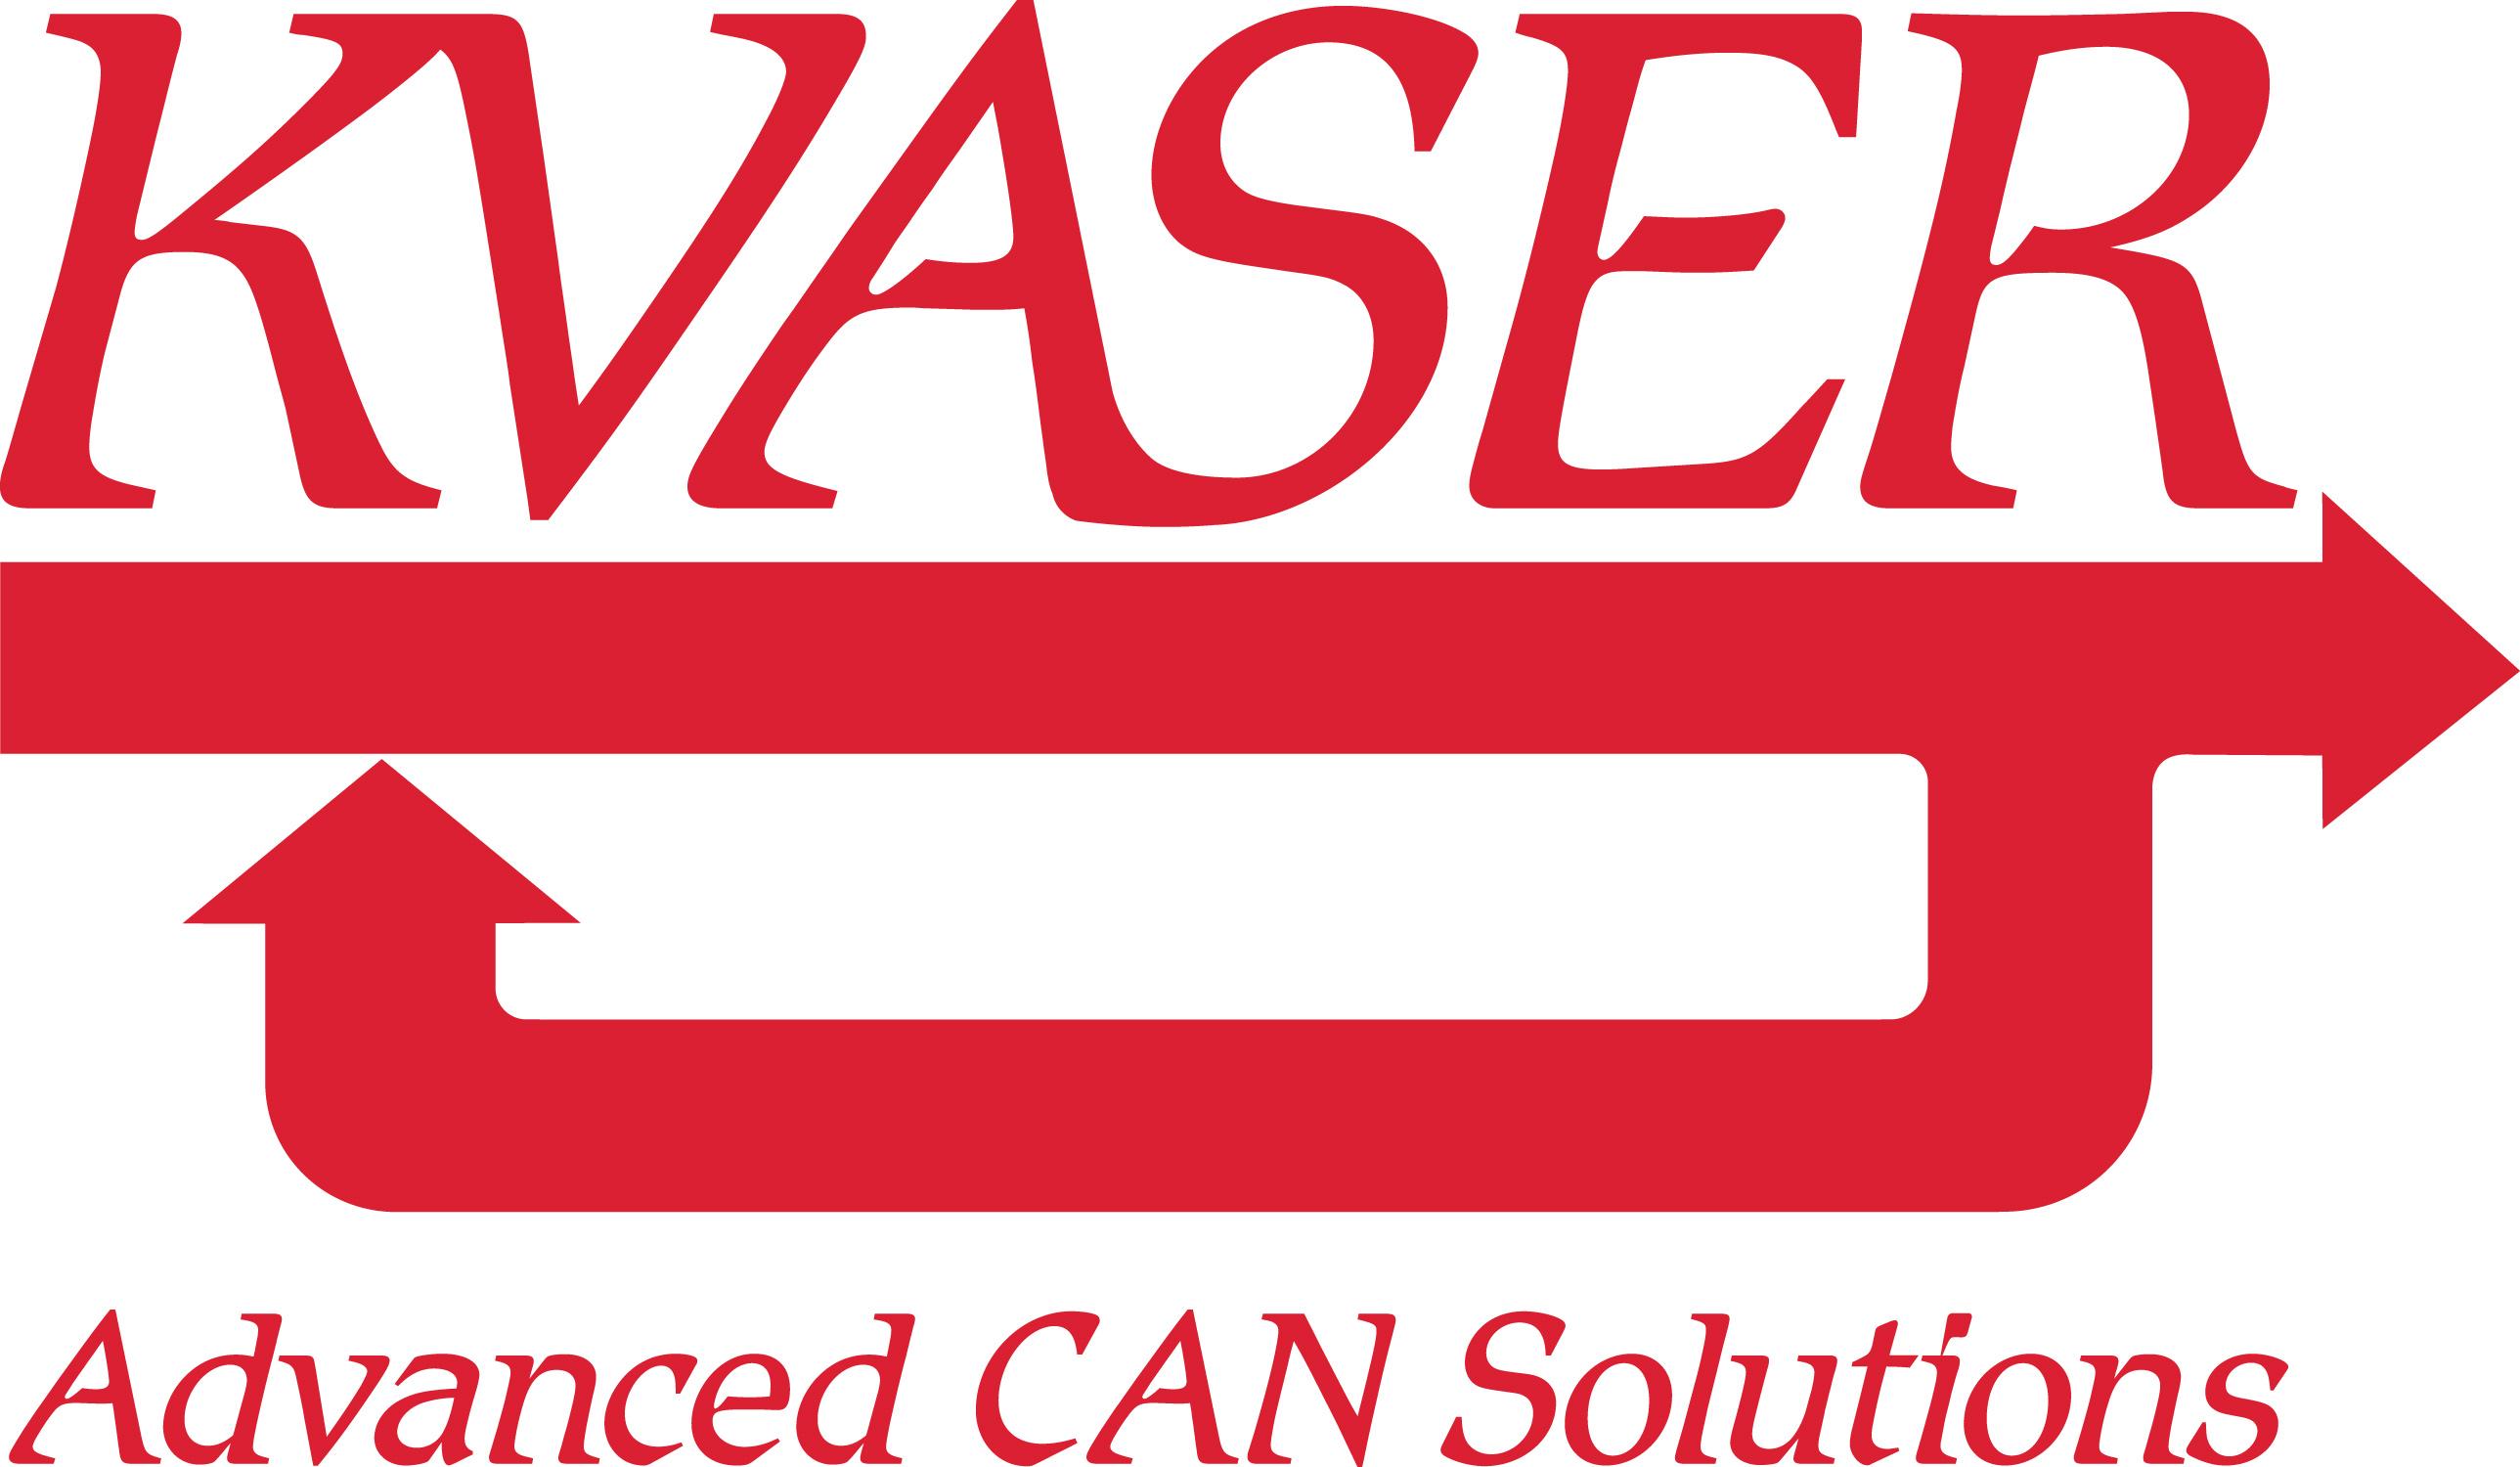 www.kvaser.com